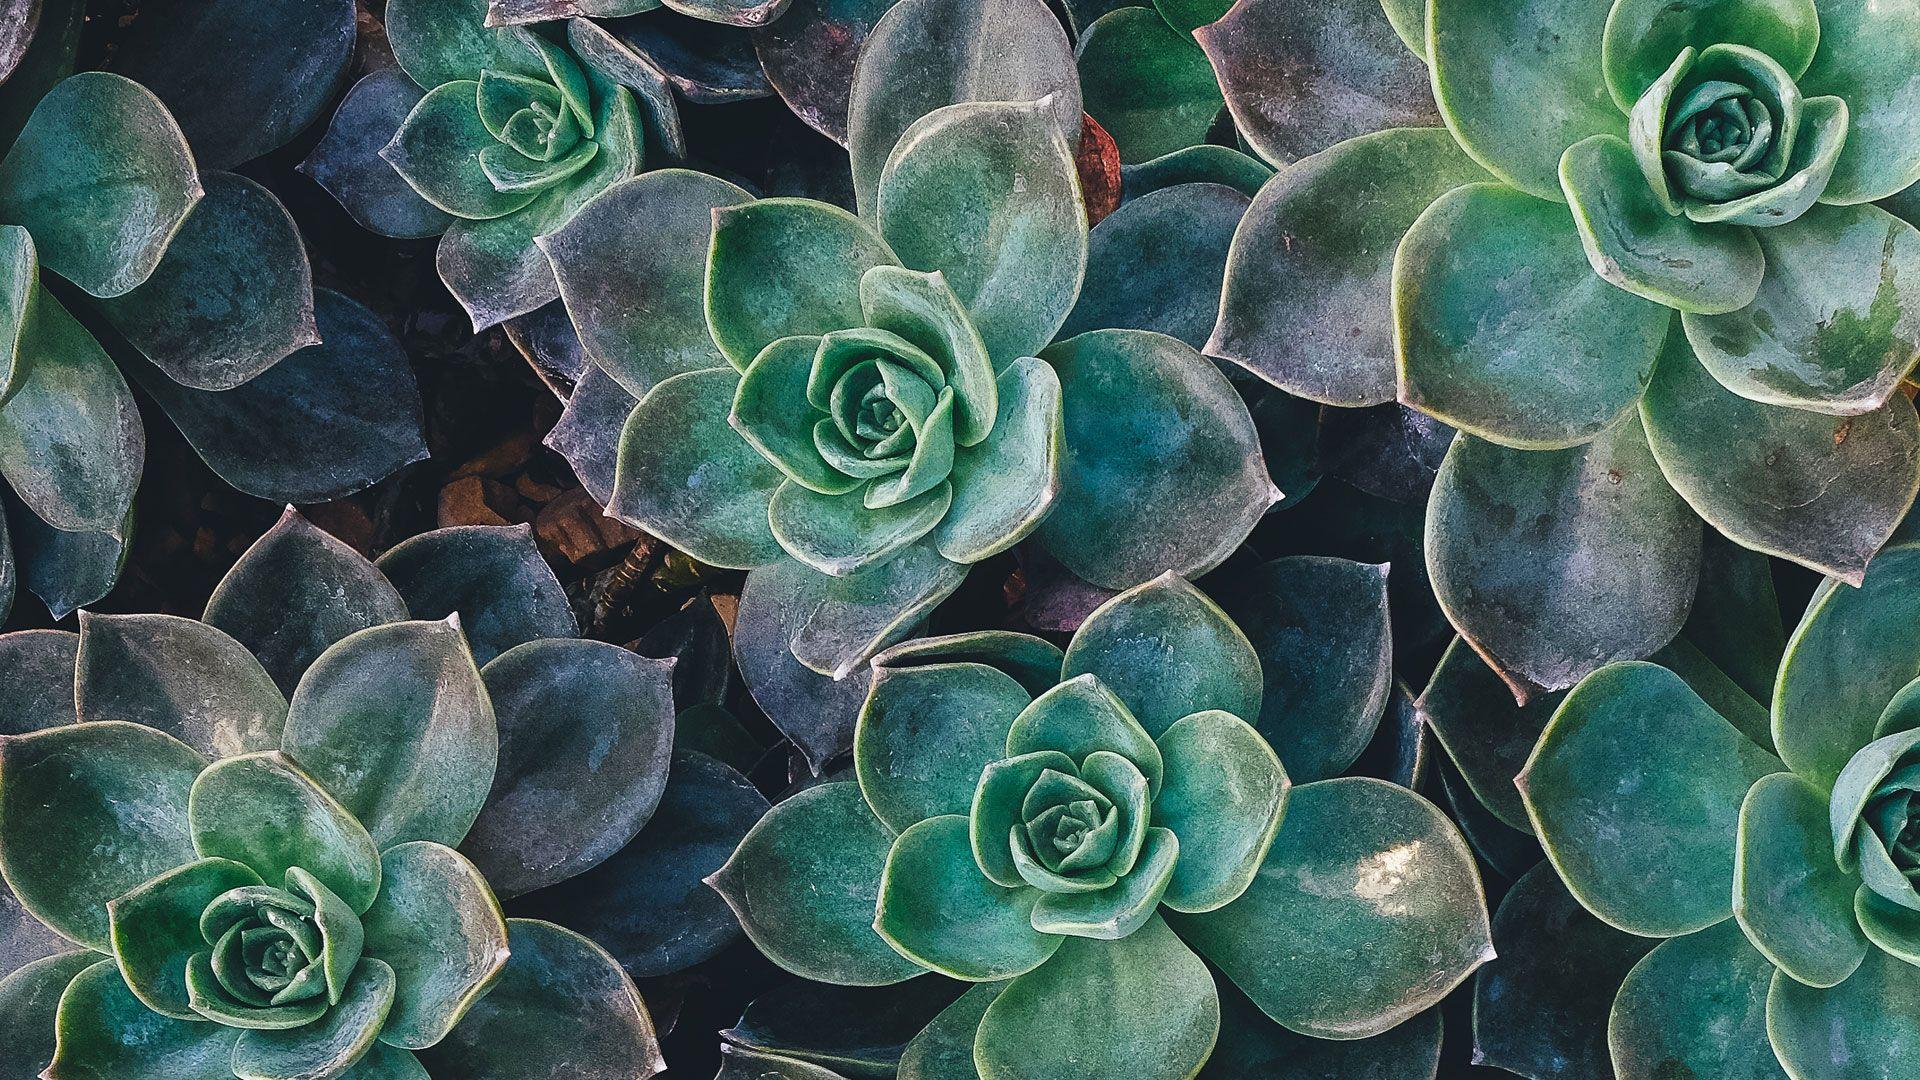 Succulent hd wallpaper download